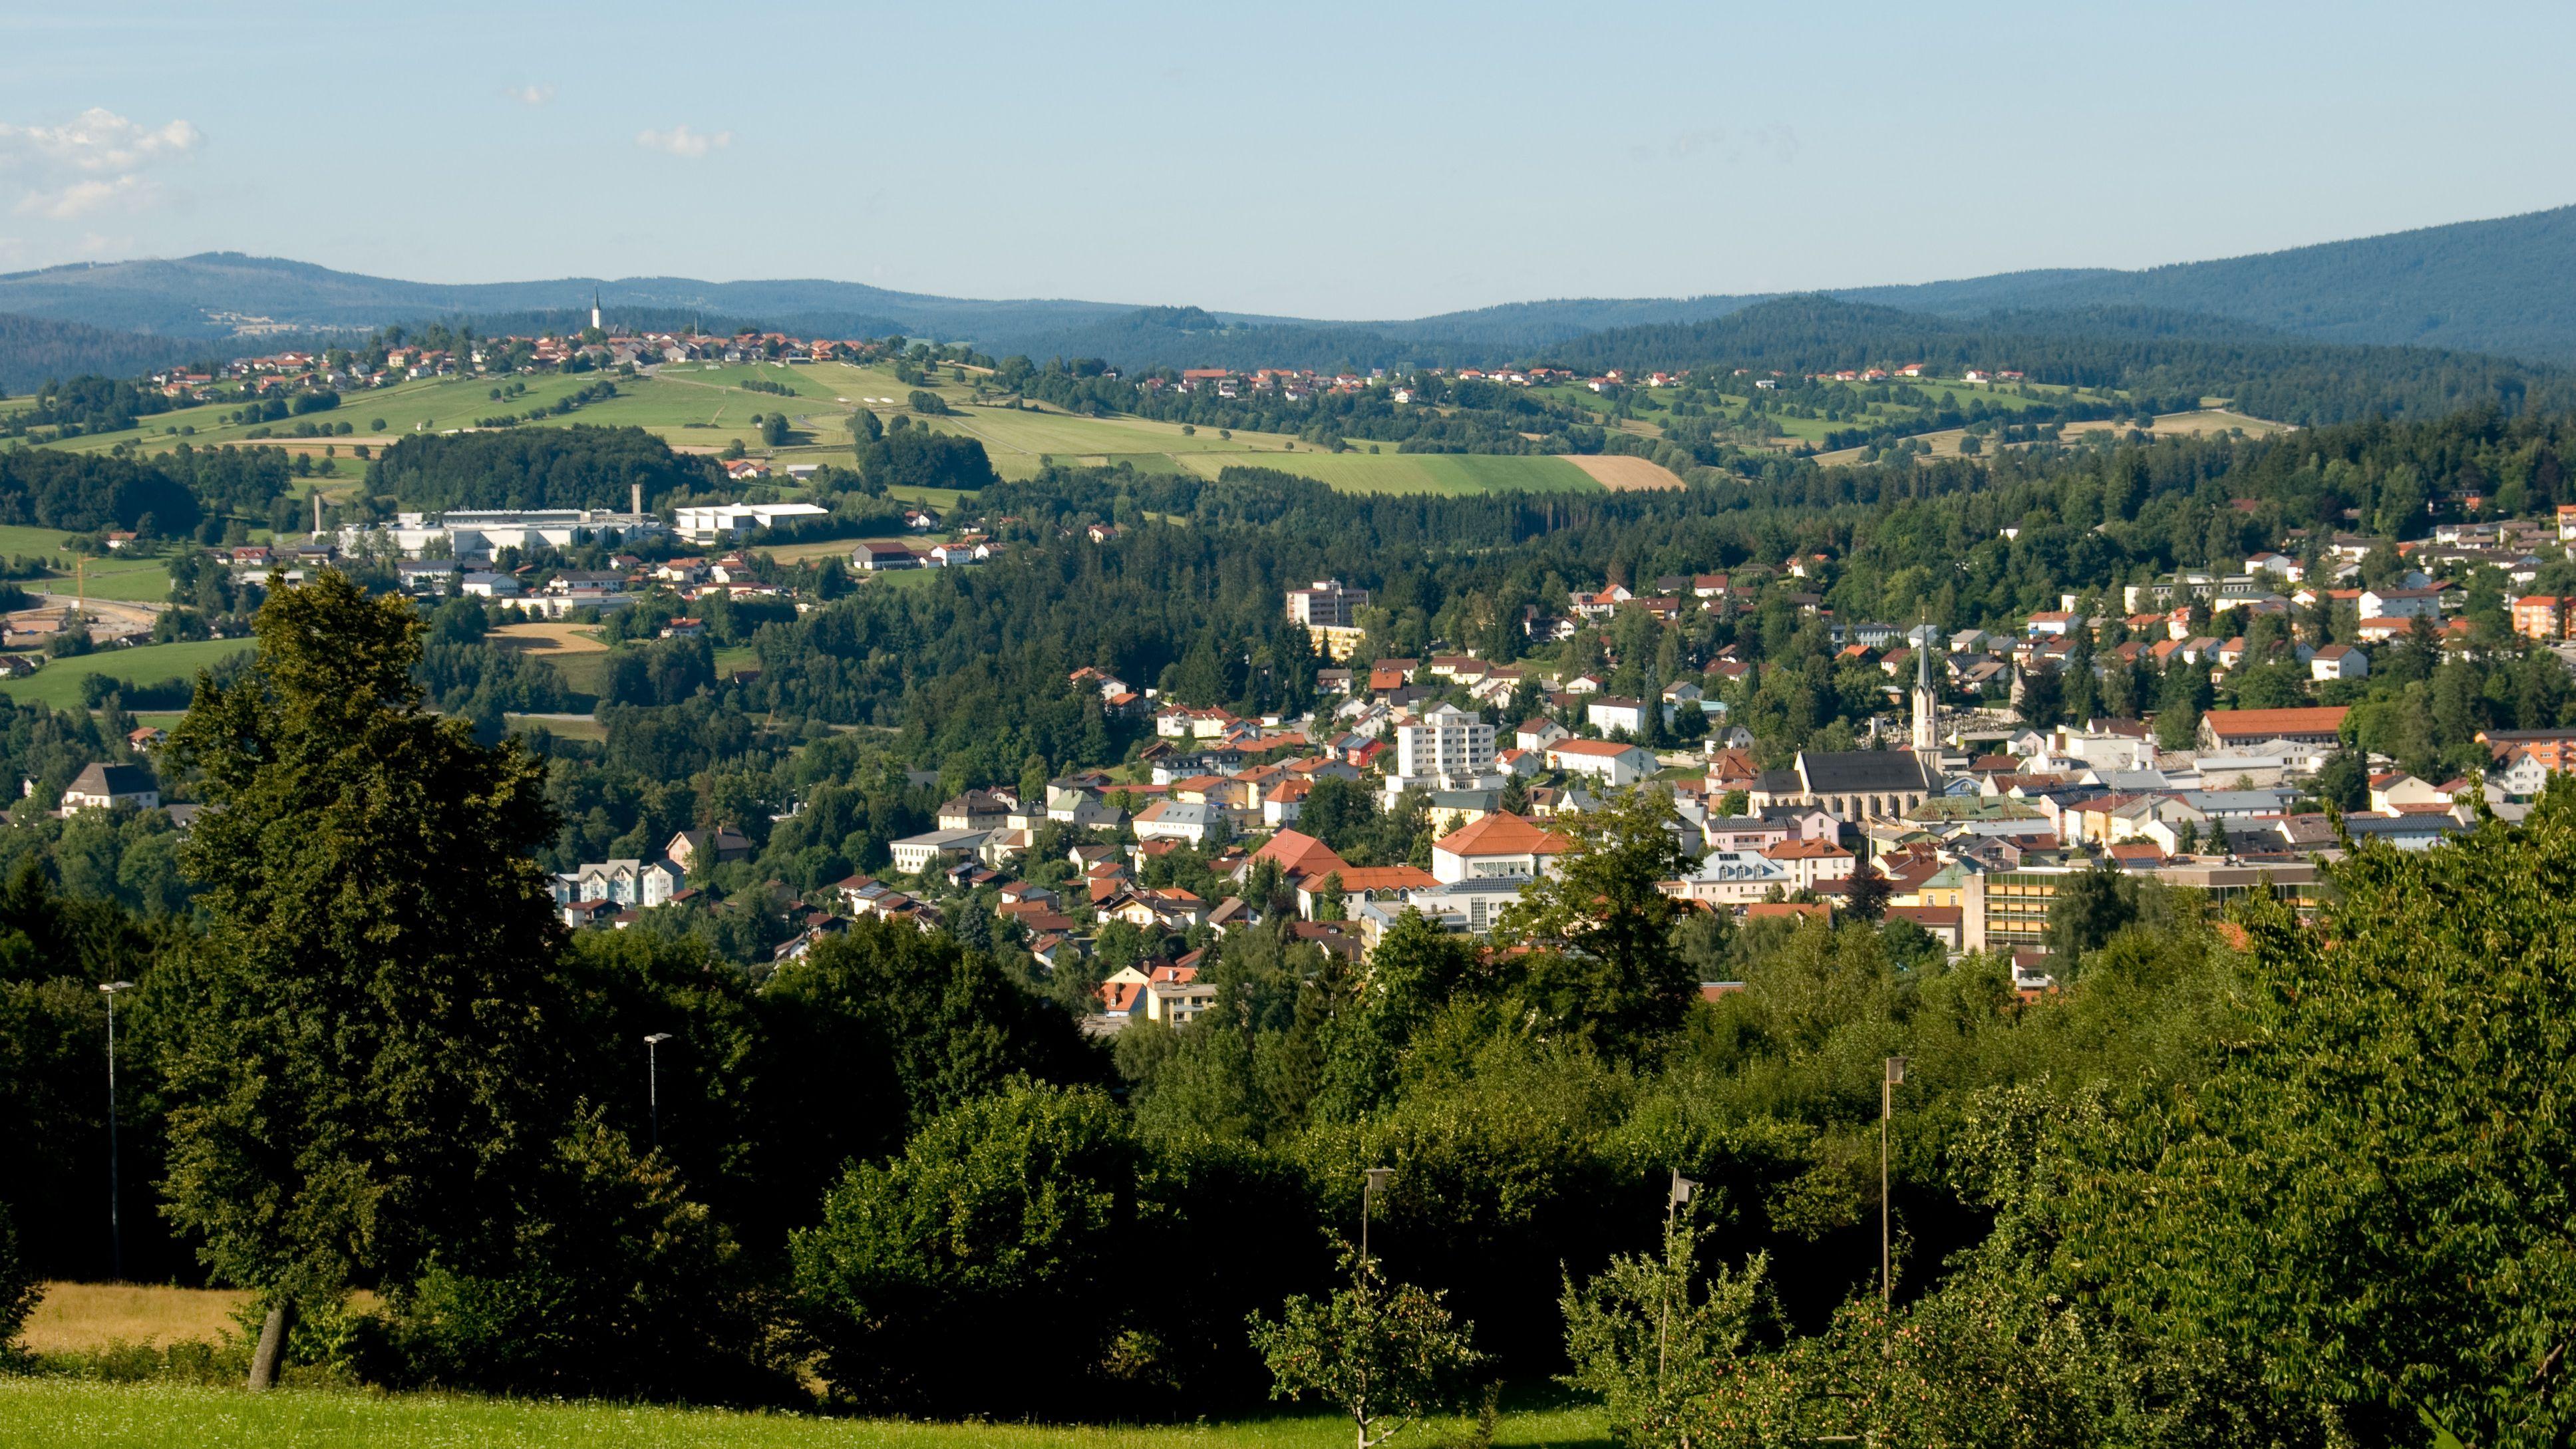 Blick auf Freyung im Bayerischen Wald